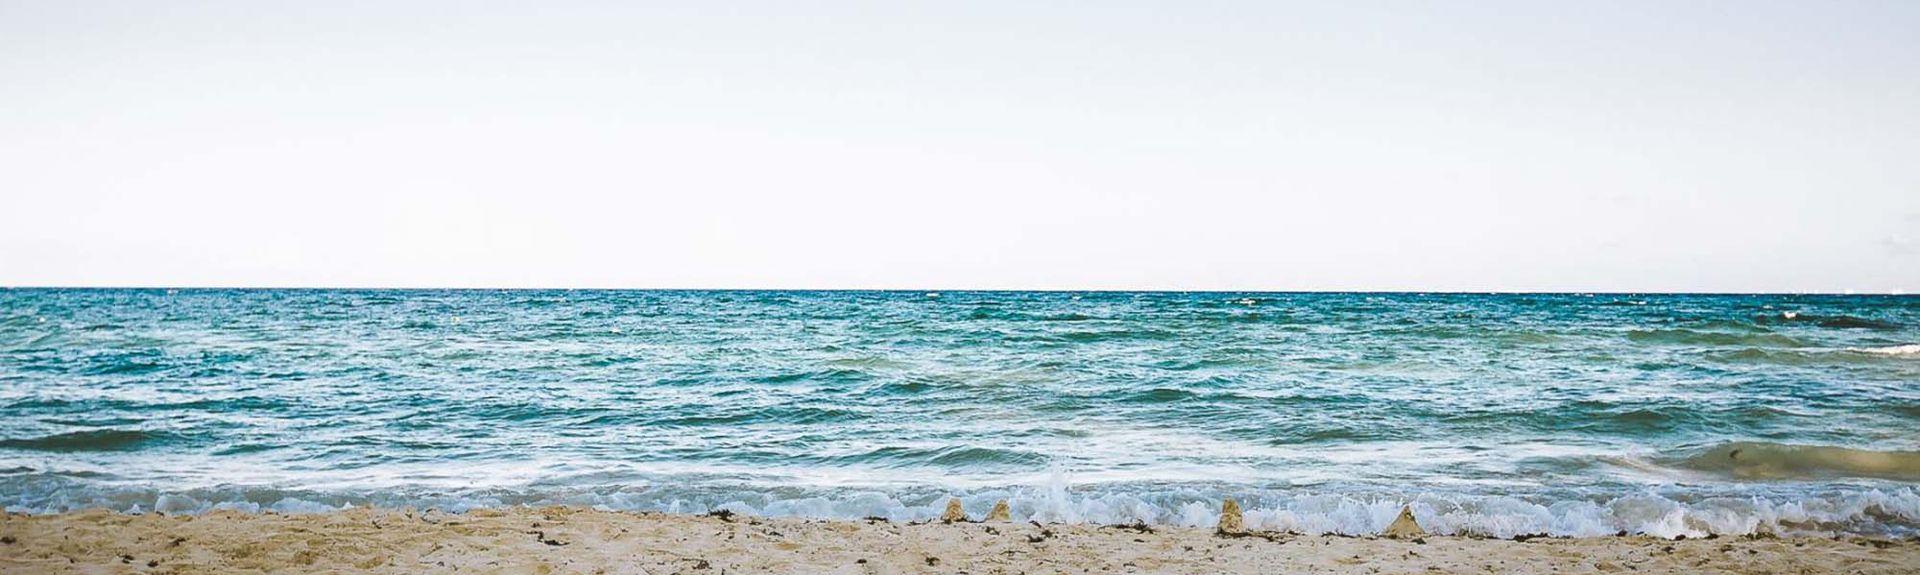 Playa Paraíso, Quintana Roo, México